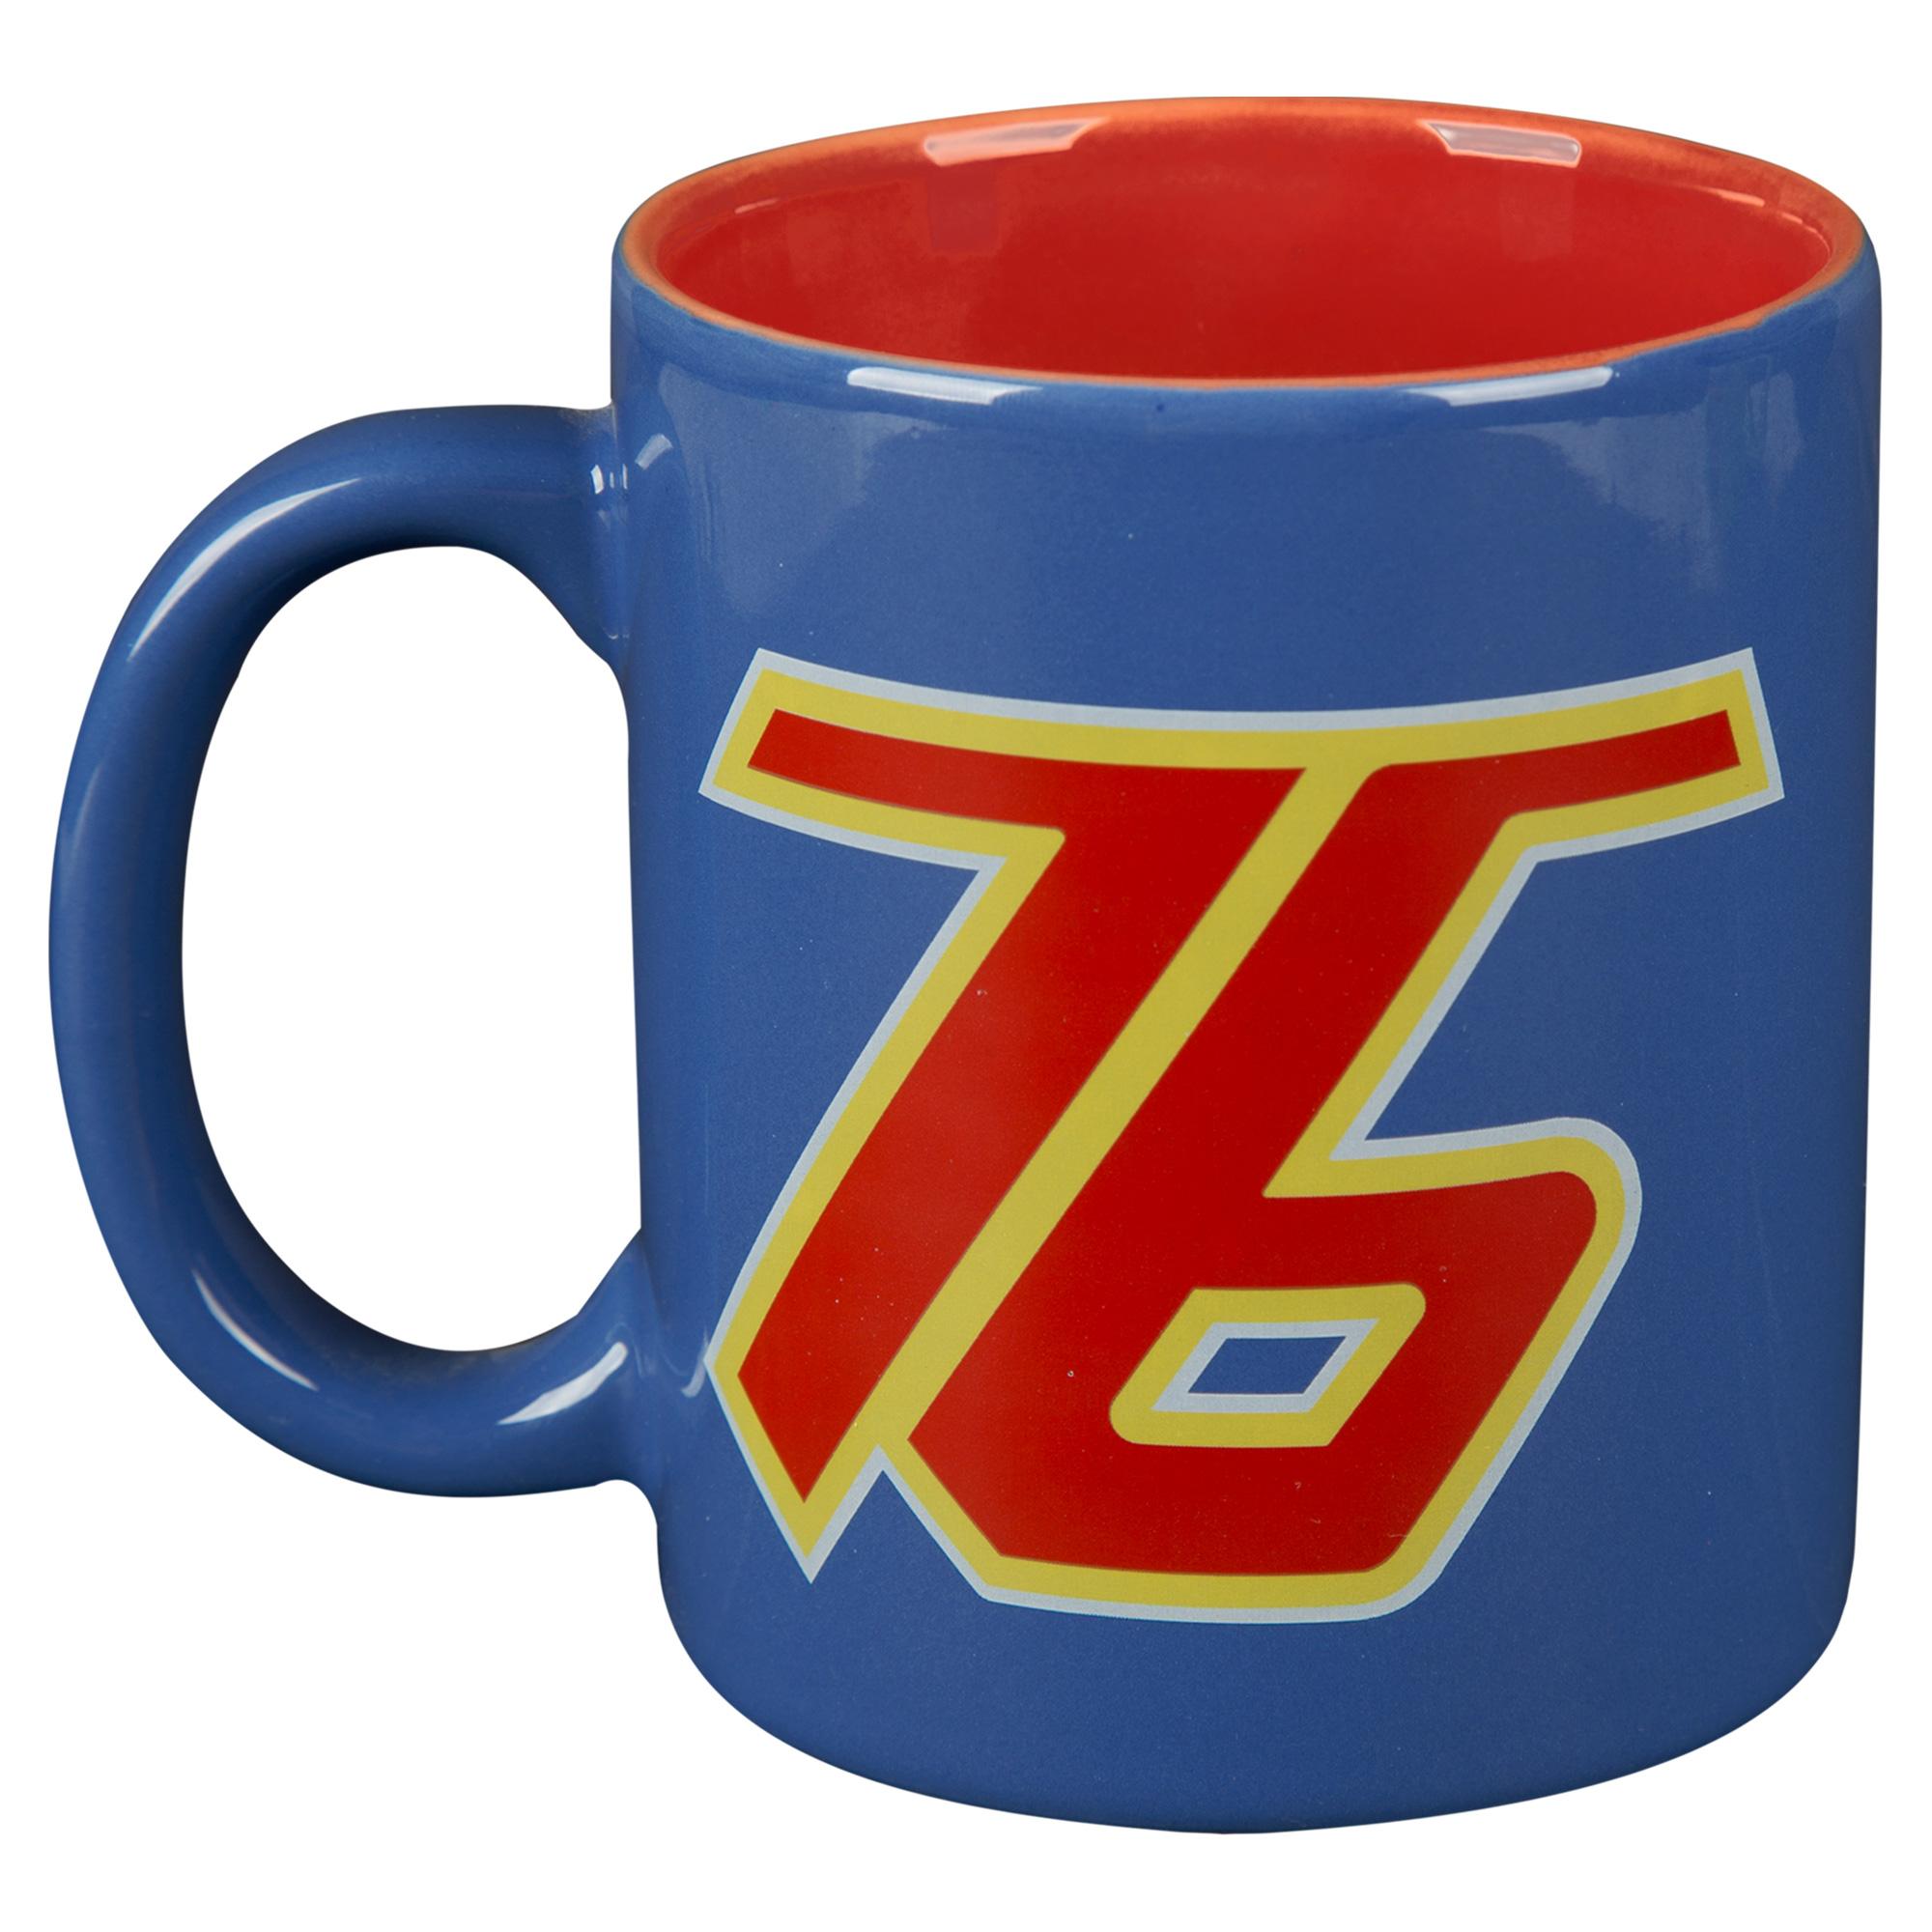 Overwatch Soldier: 76 Ceramic Mug, Blue